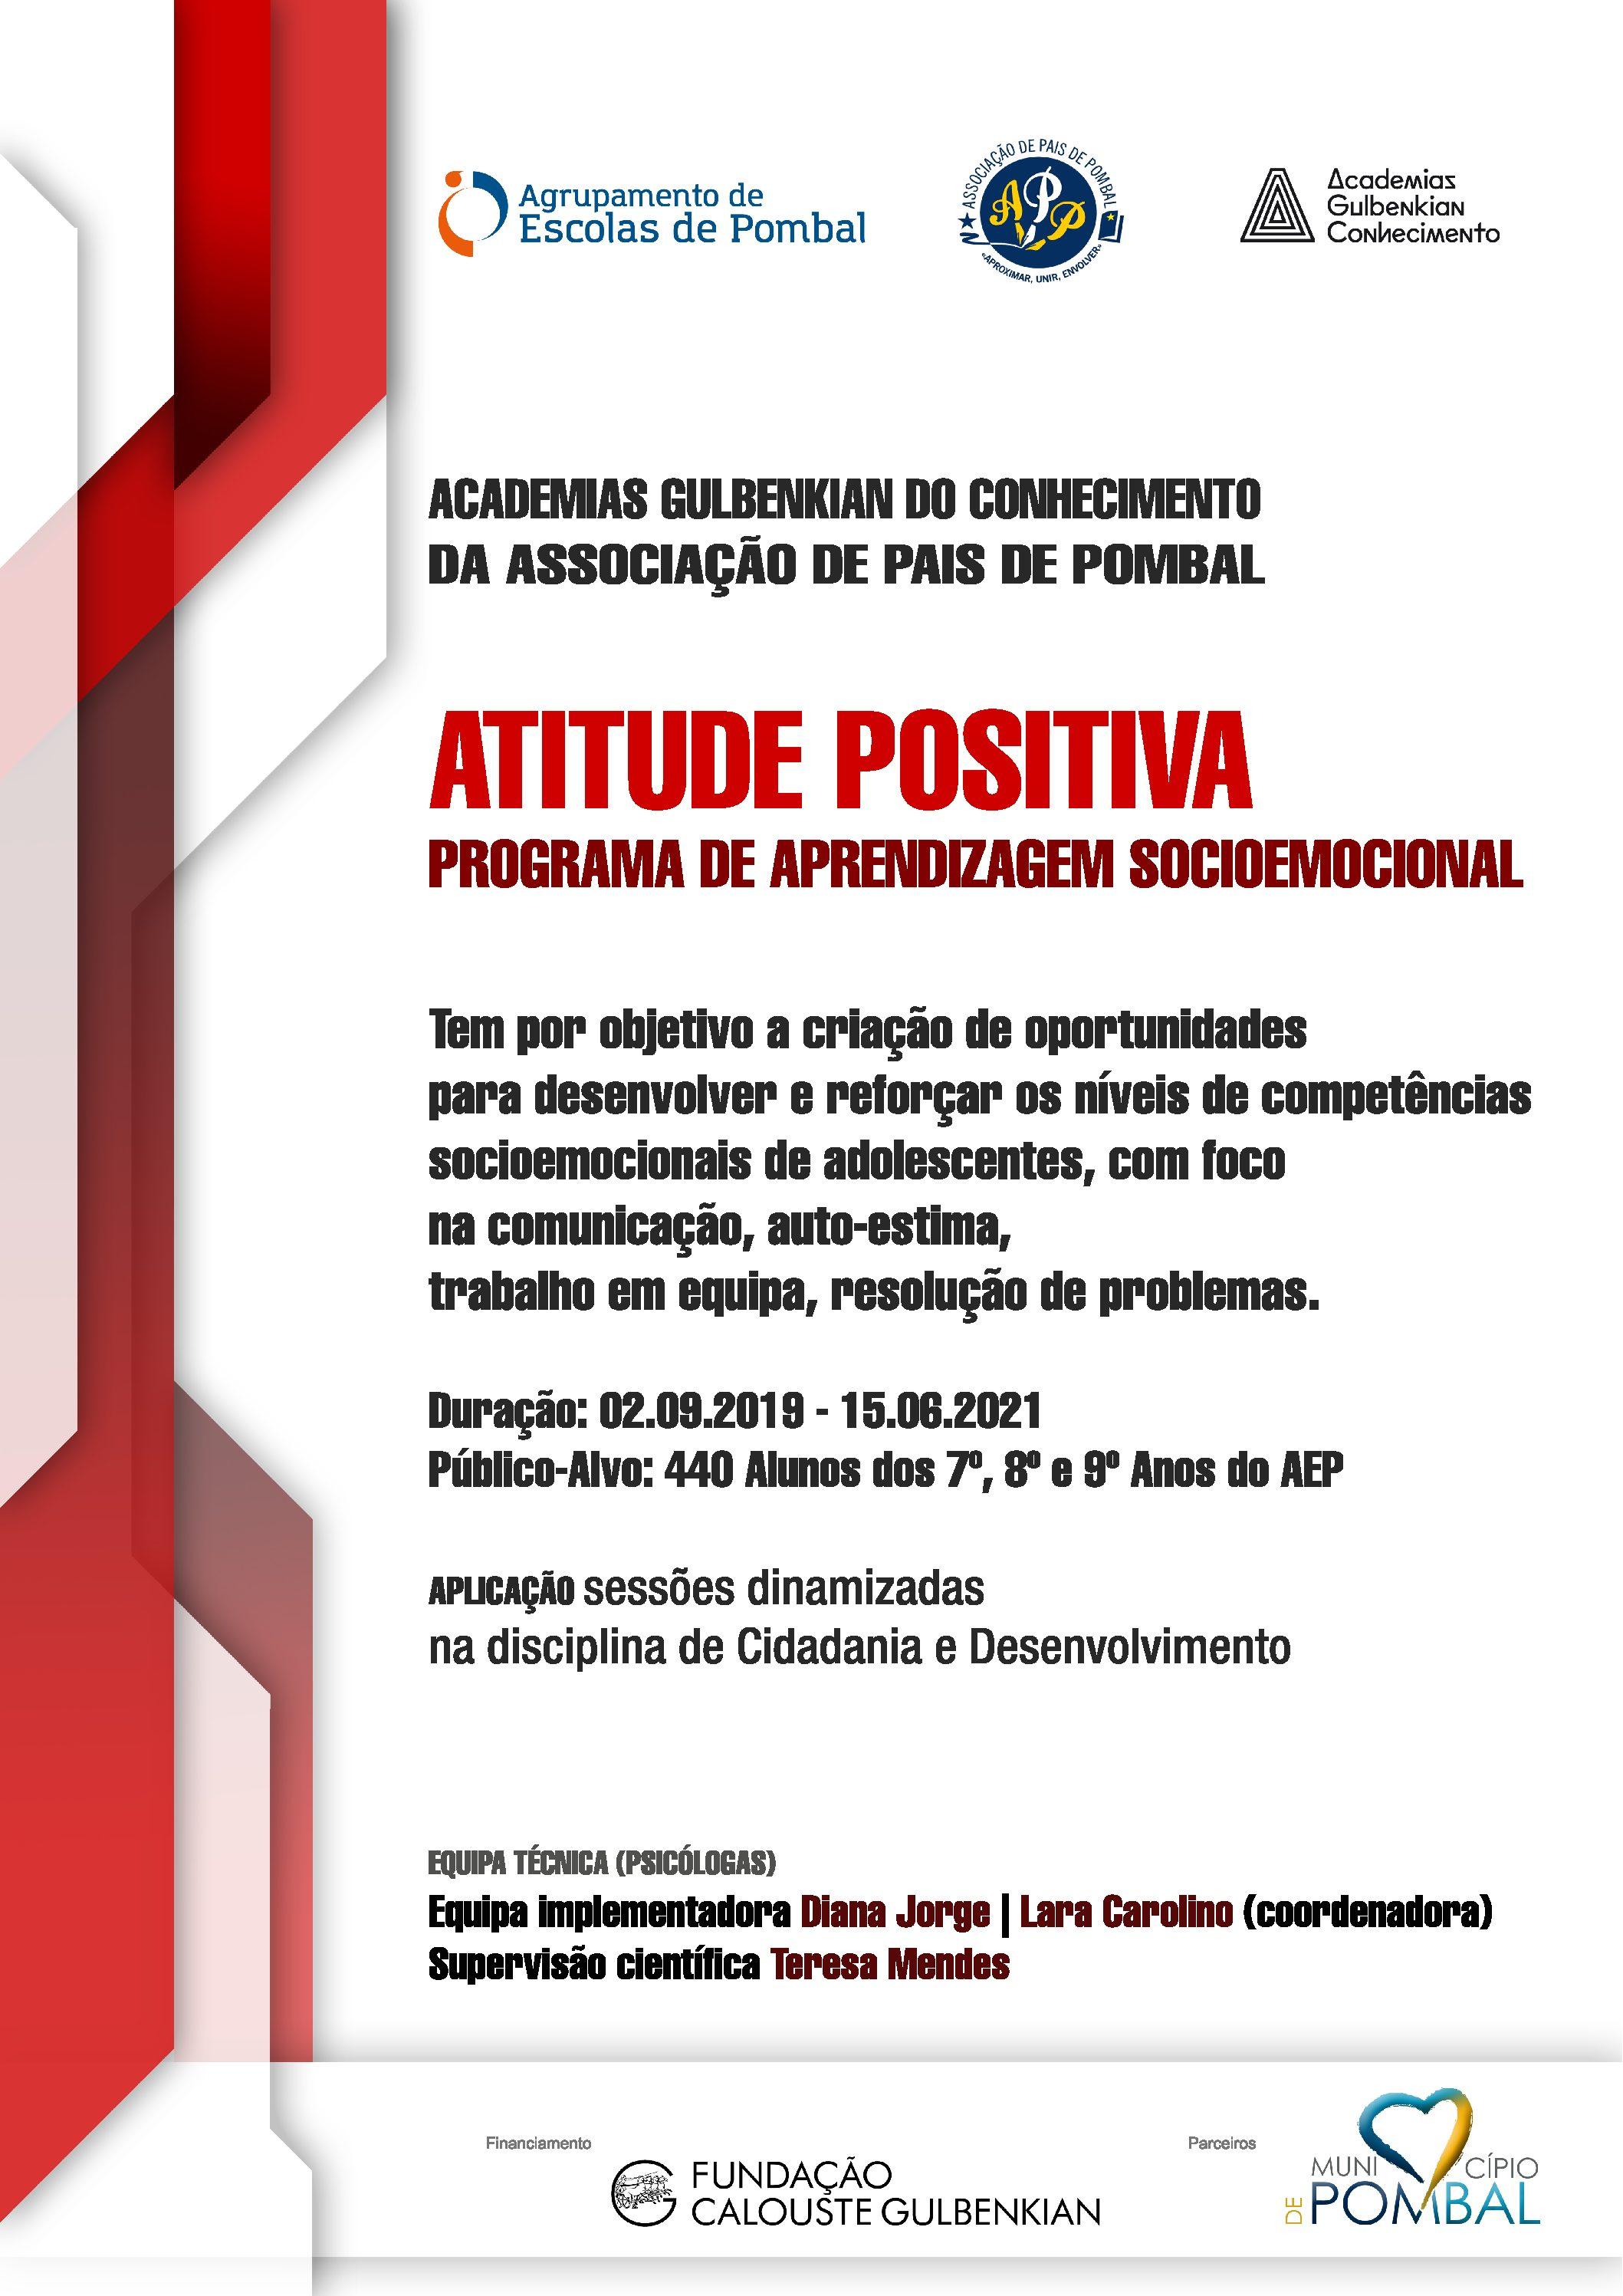 """""""Projeto Atitude Positiva"""" da Academia Gulbenkian da APP reinicia a 14 outubro. Este ano será implementado pela psicóloga drª Diana Jorge."""